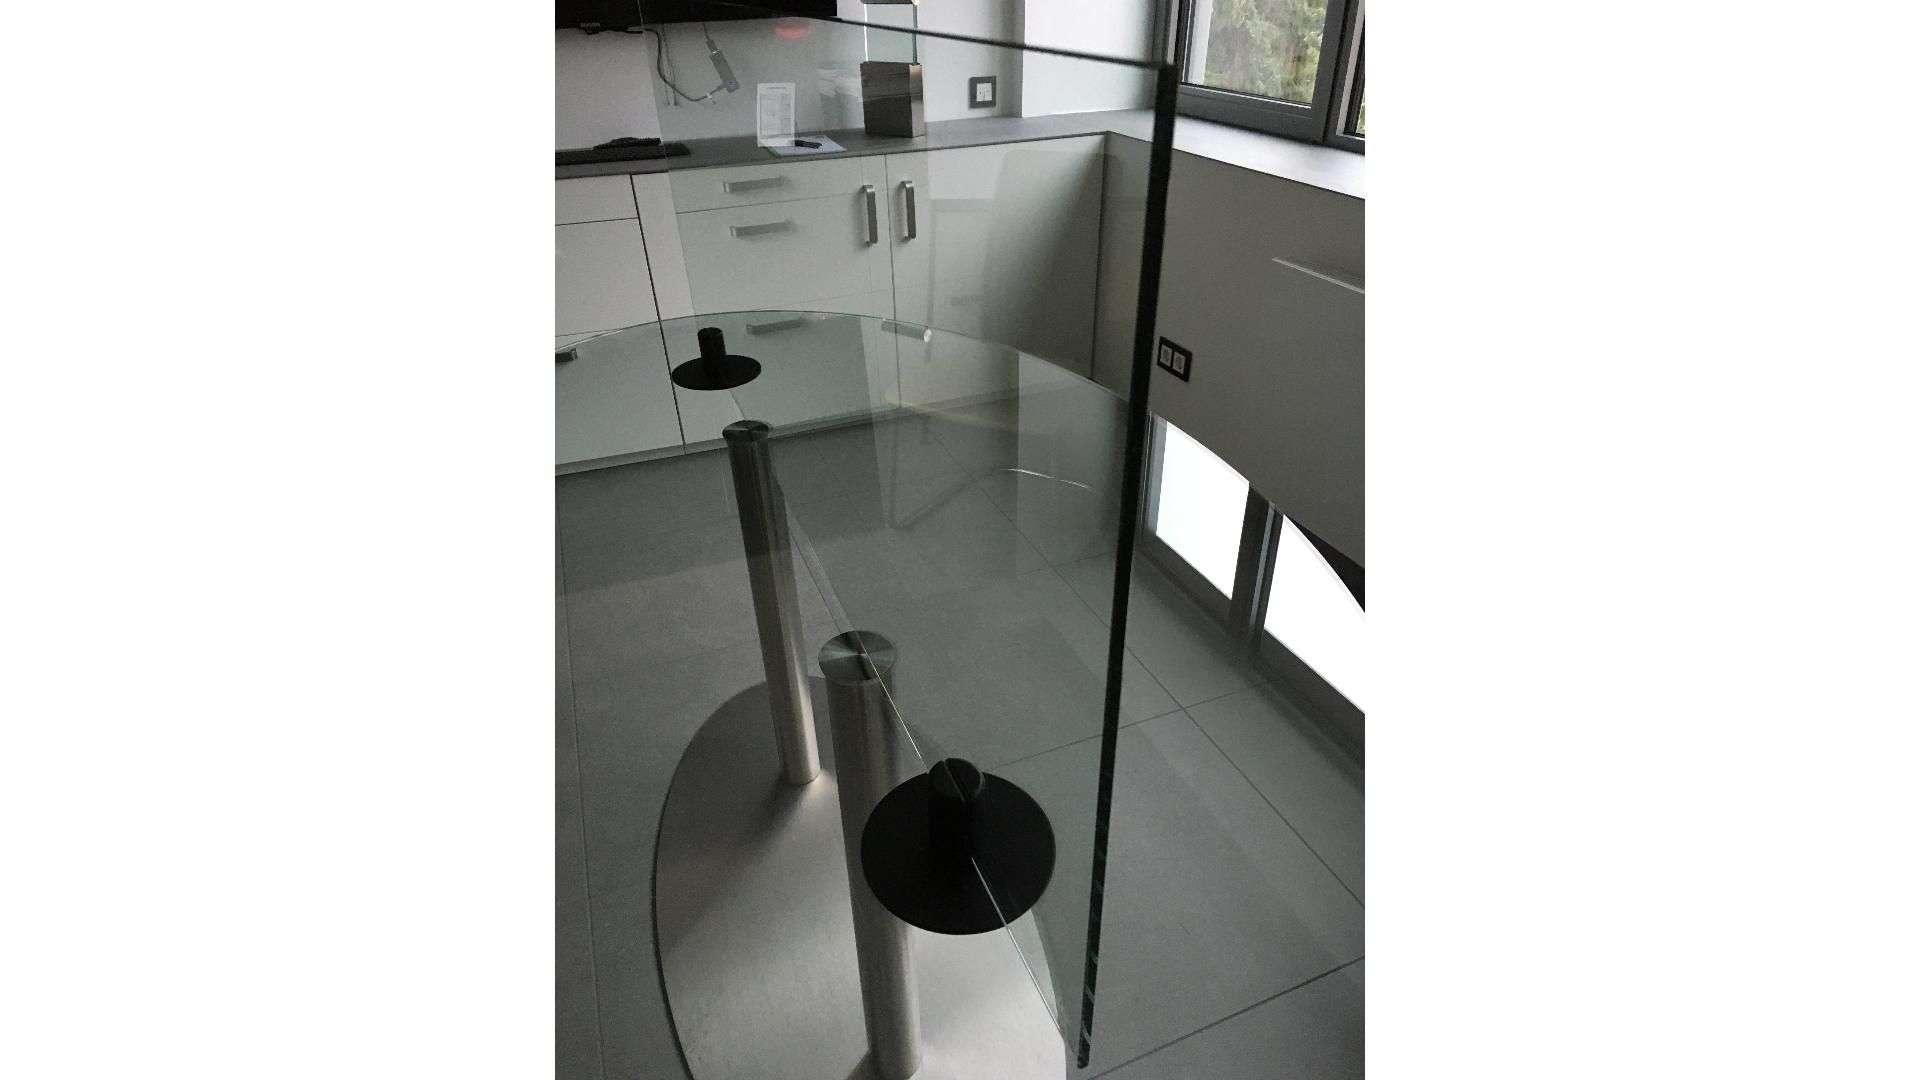 Spuckschutz auf einem Esstisch in einer Küche